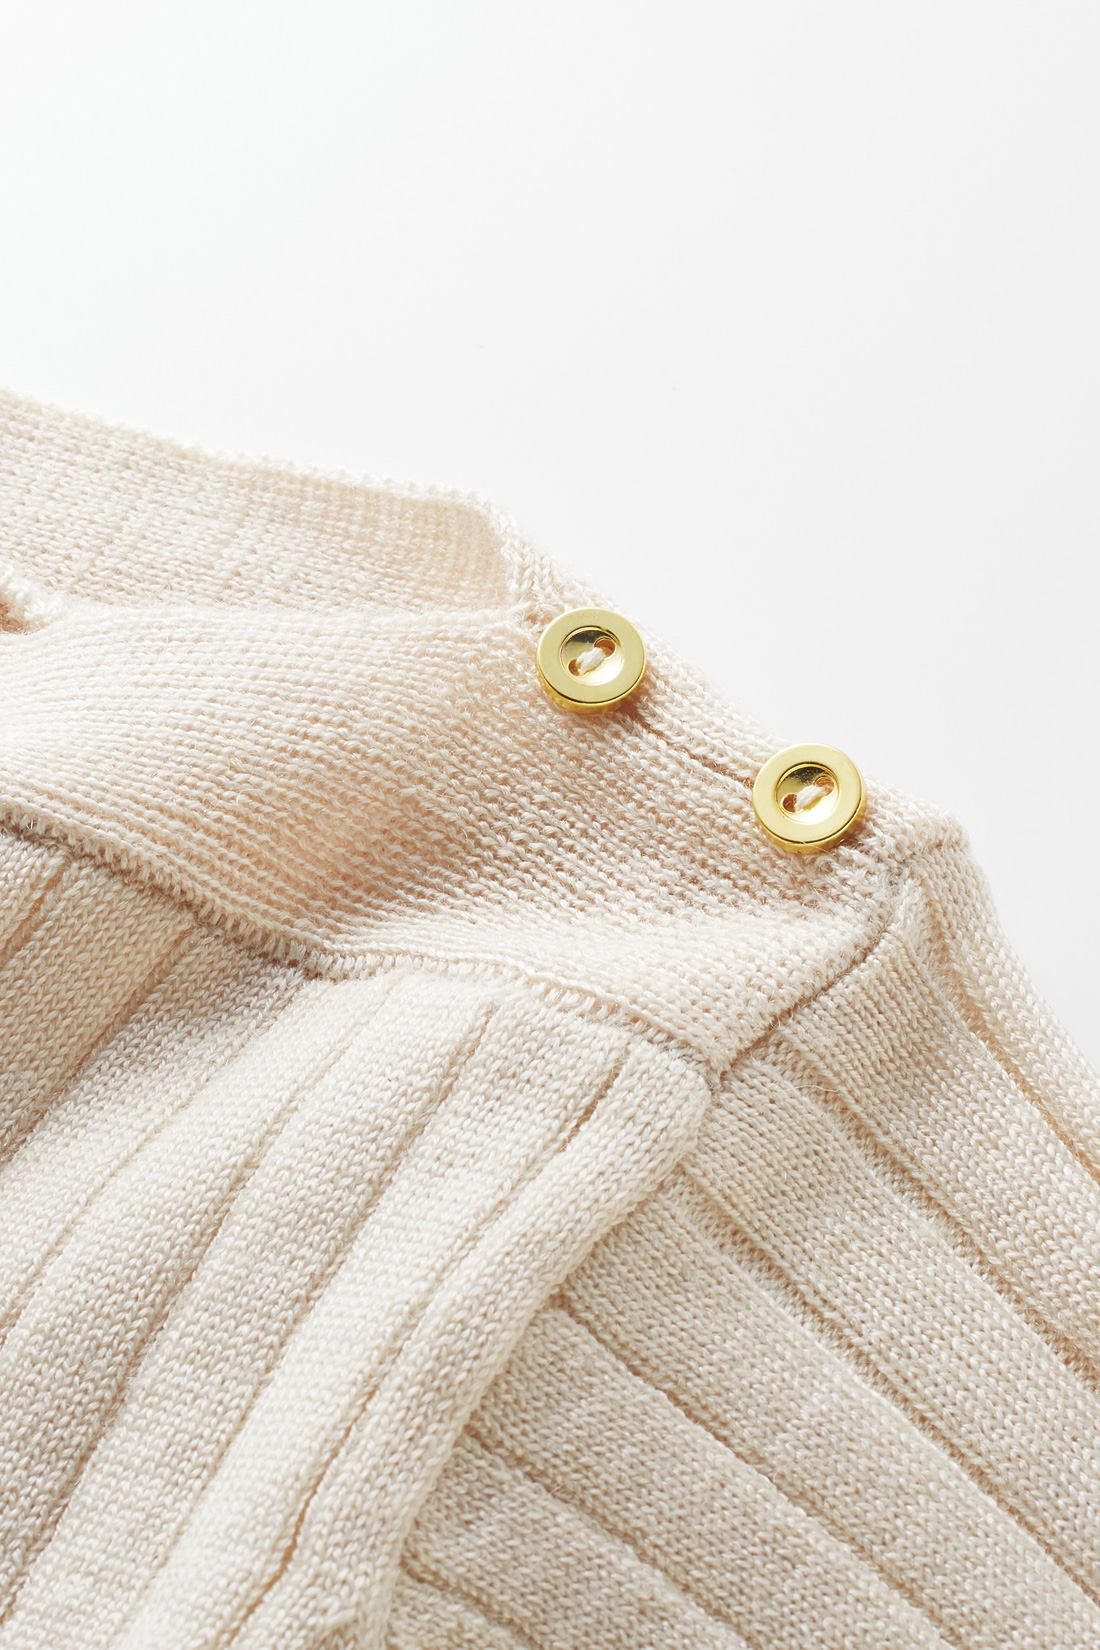 トレンドのボートネックに、金色のボタンがポイントに。 ※お届けするカラーとは異なります。